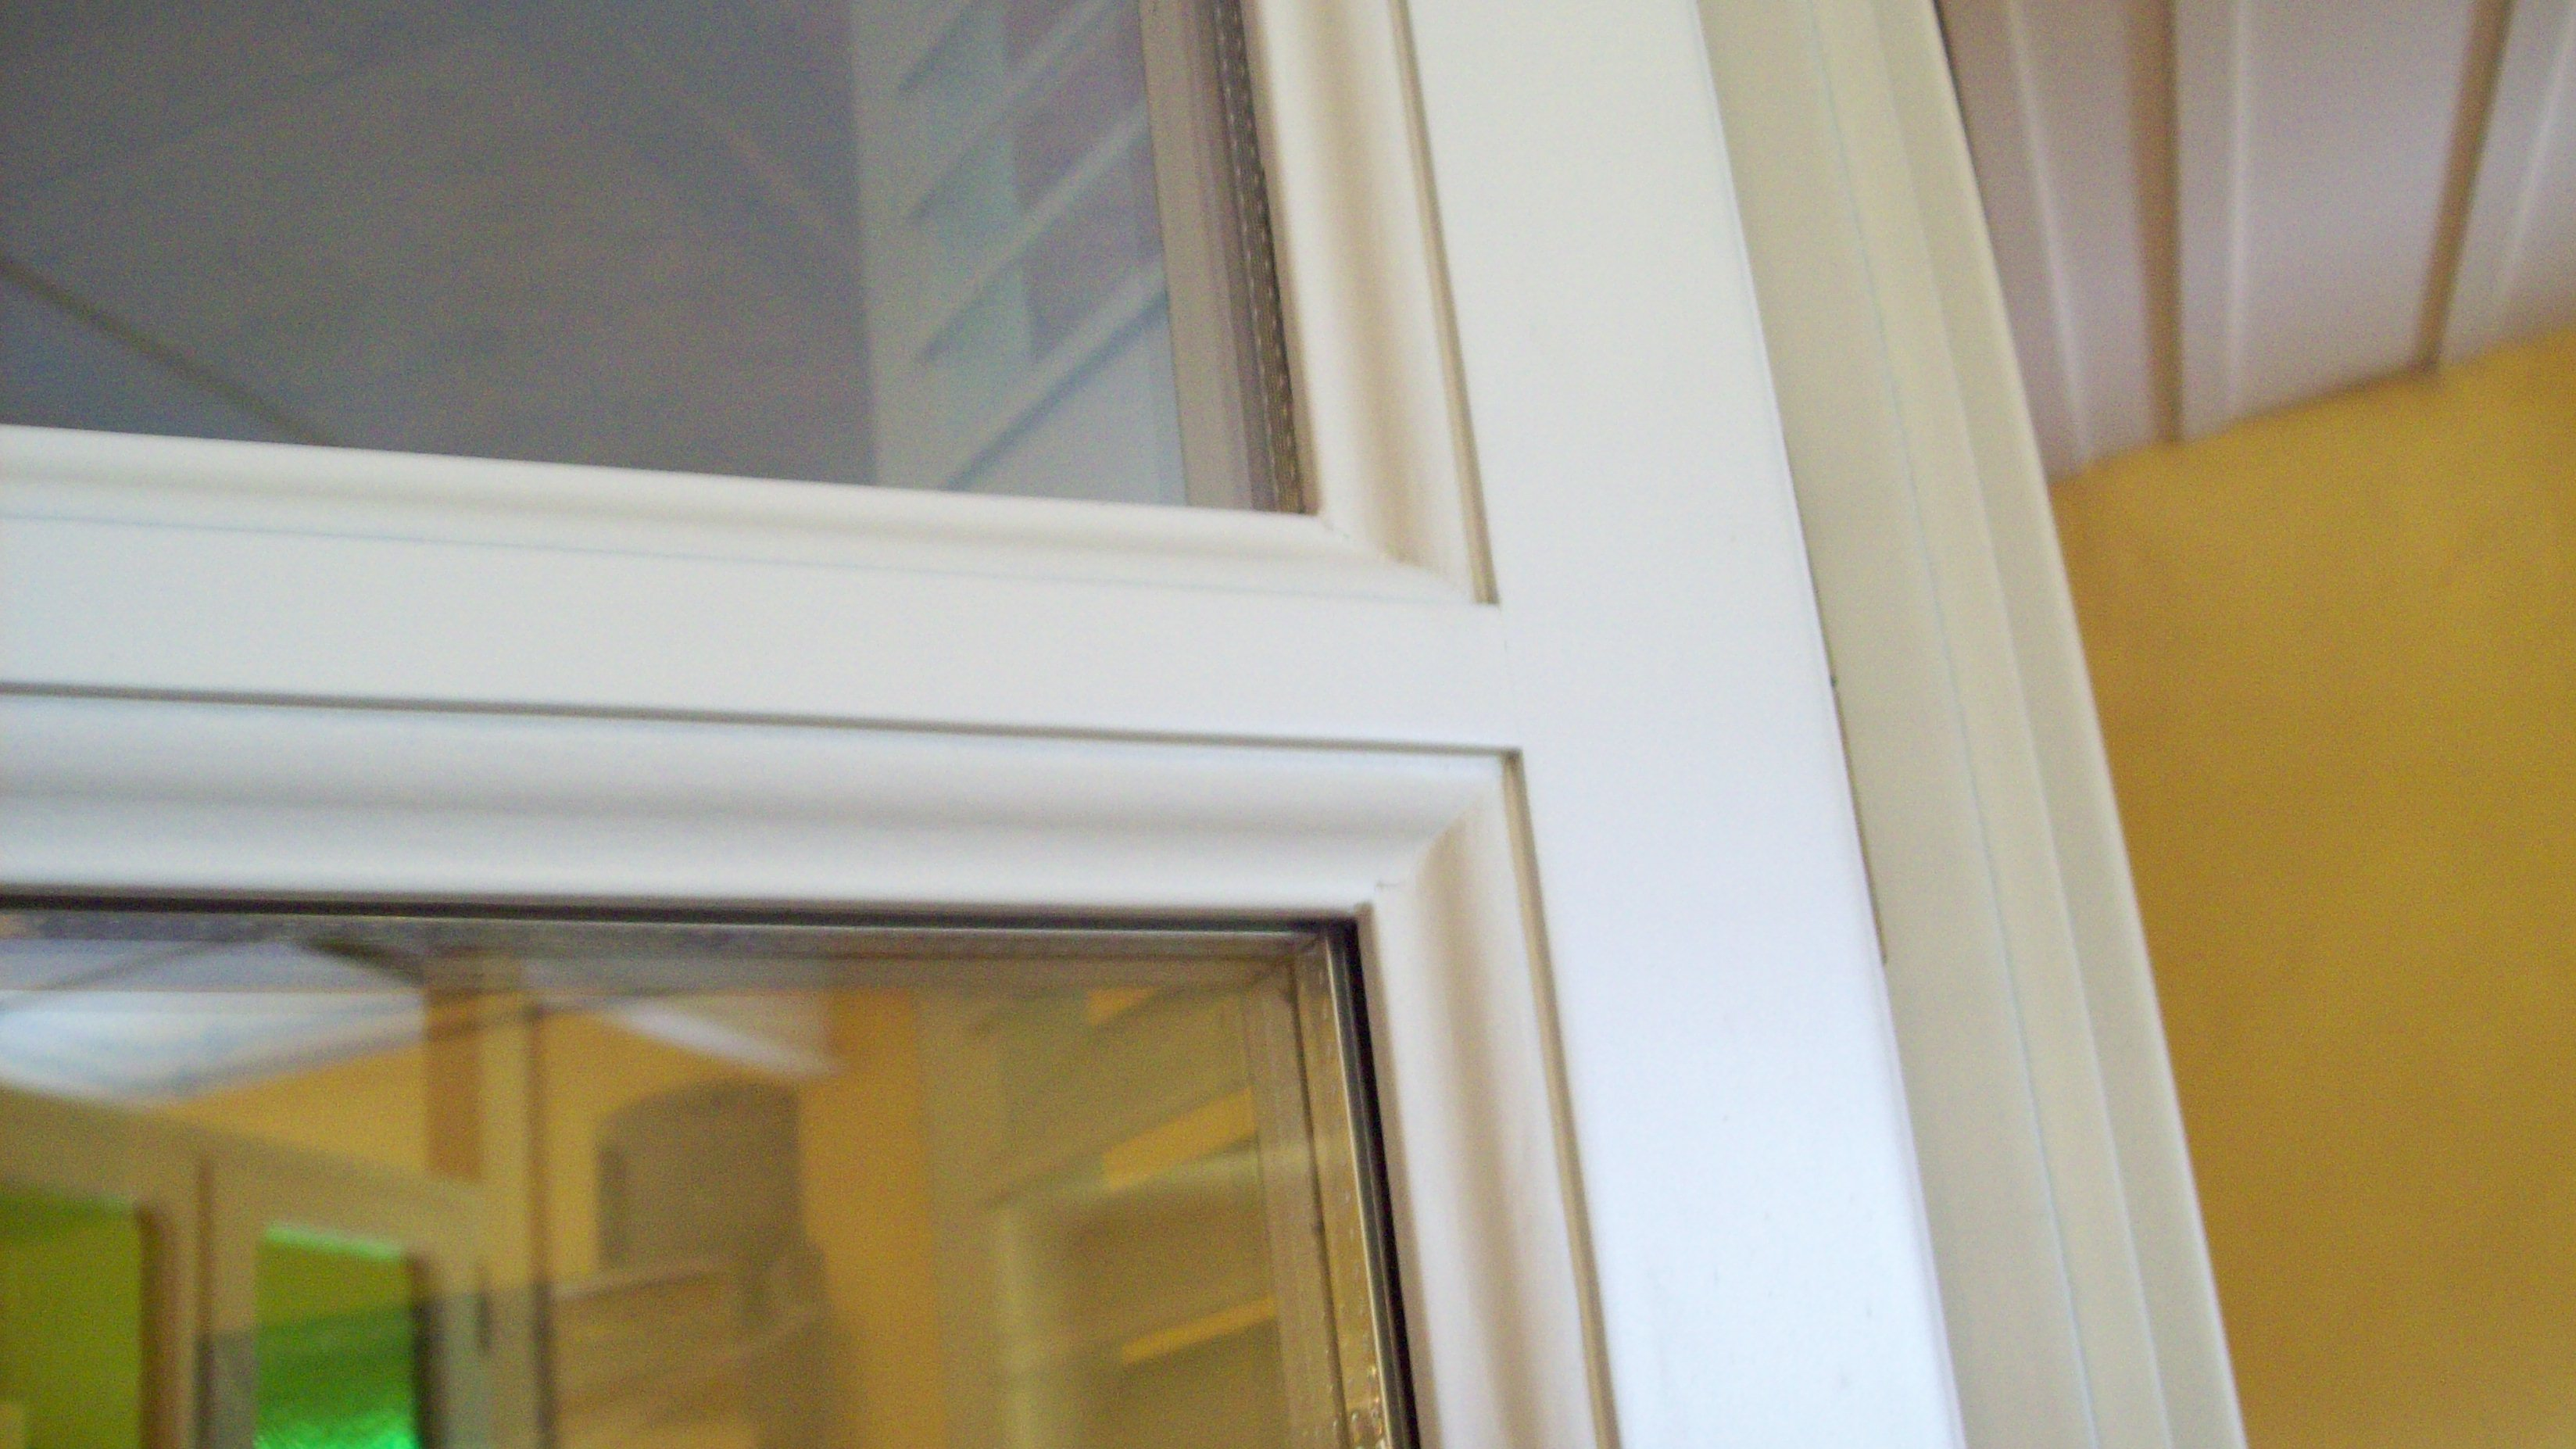 Infissi esterni difficolt a trovare finestre in stile - Costo finestre doppi vetri ...